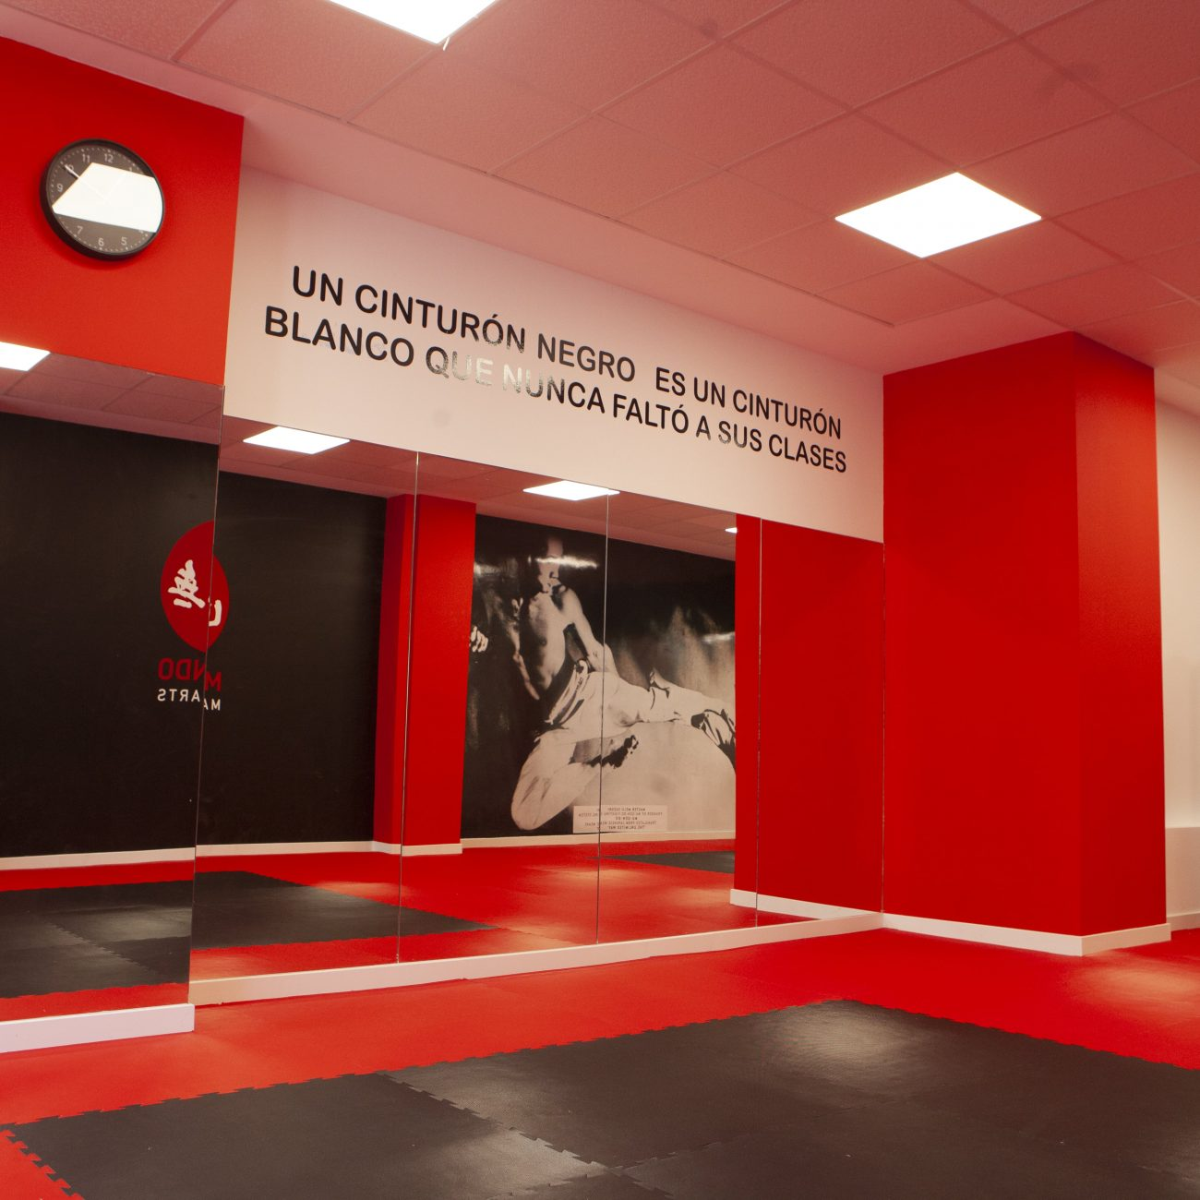 Escuela de artes marciales